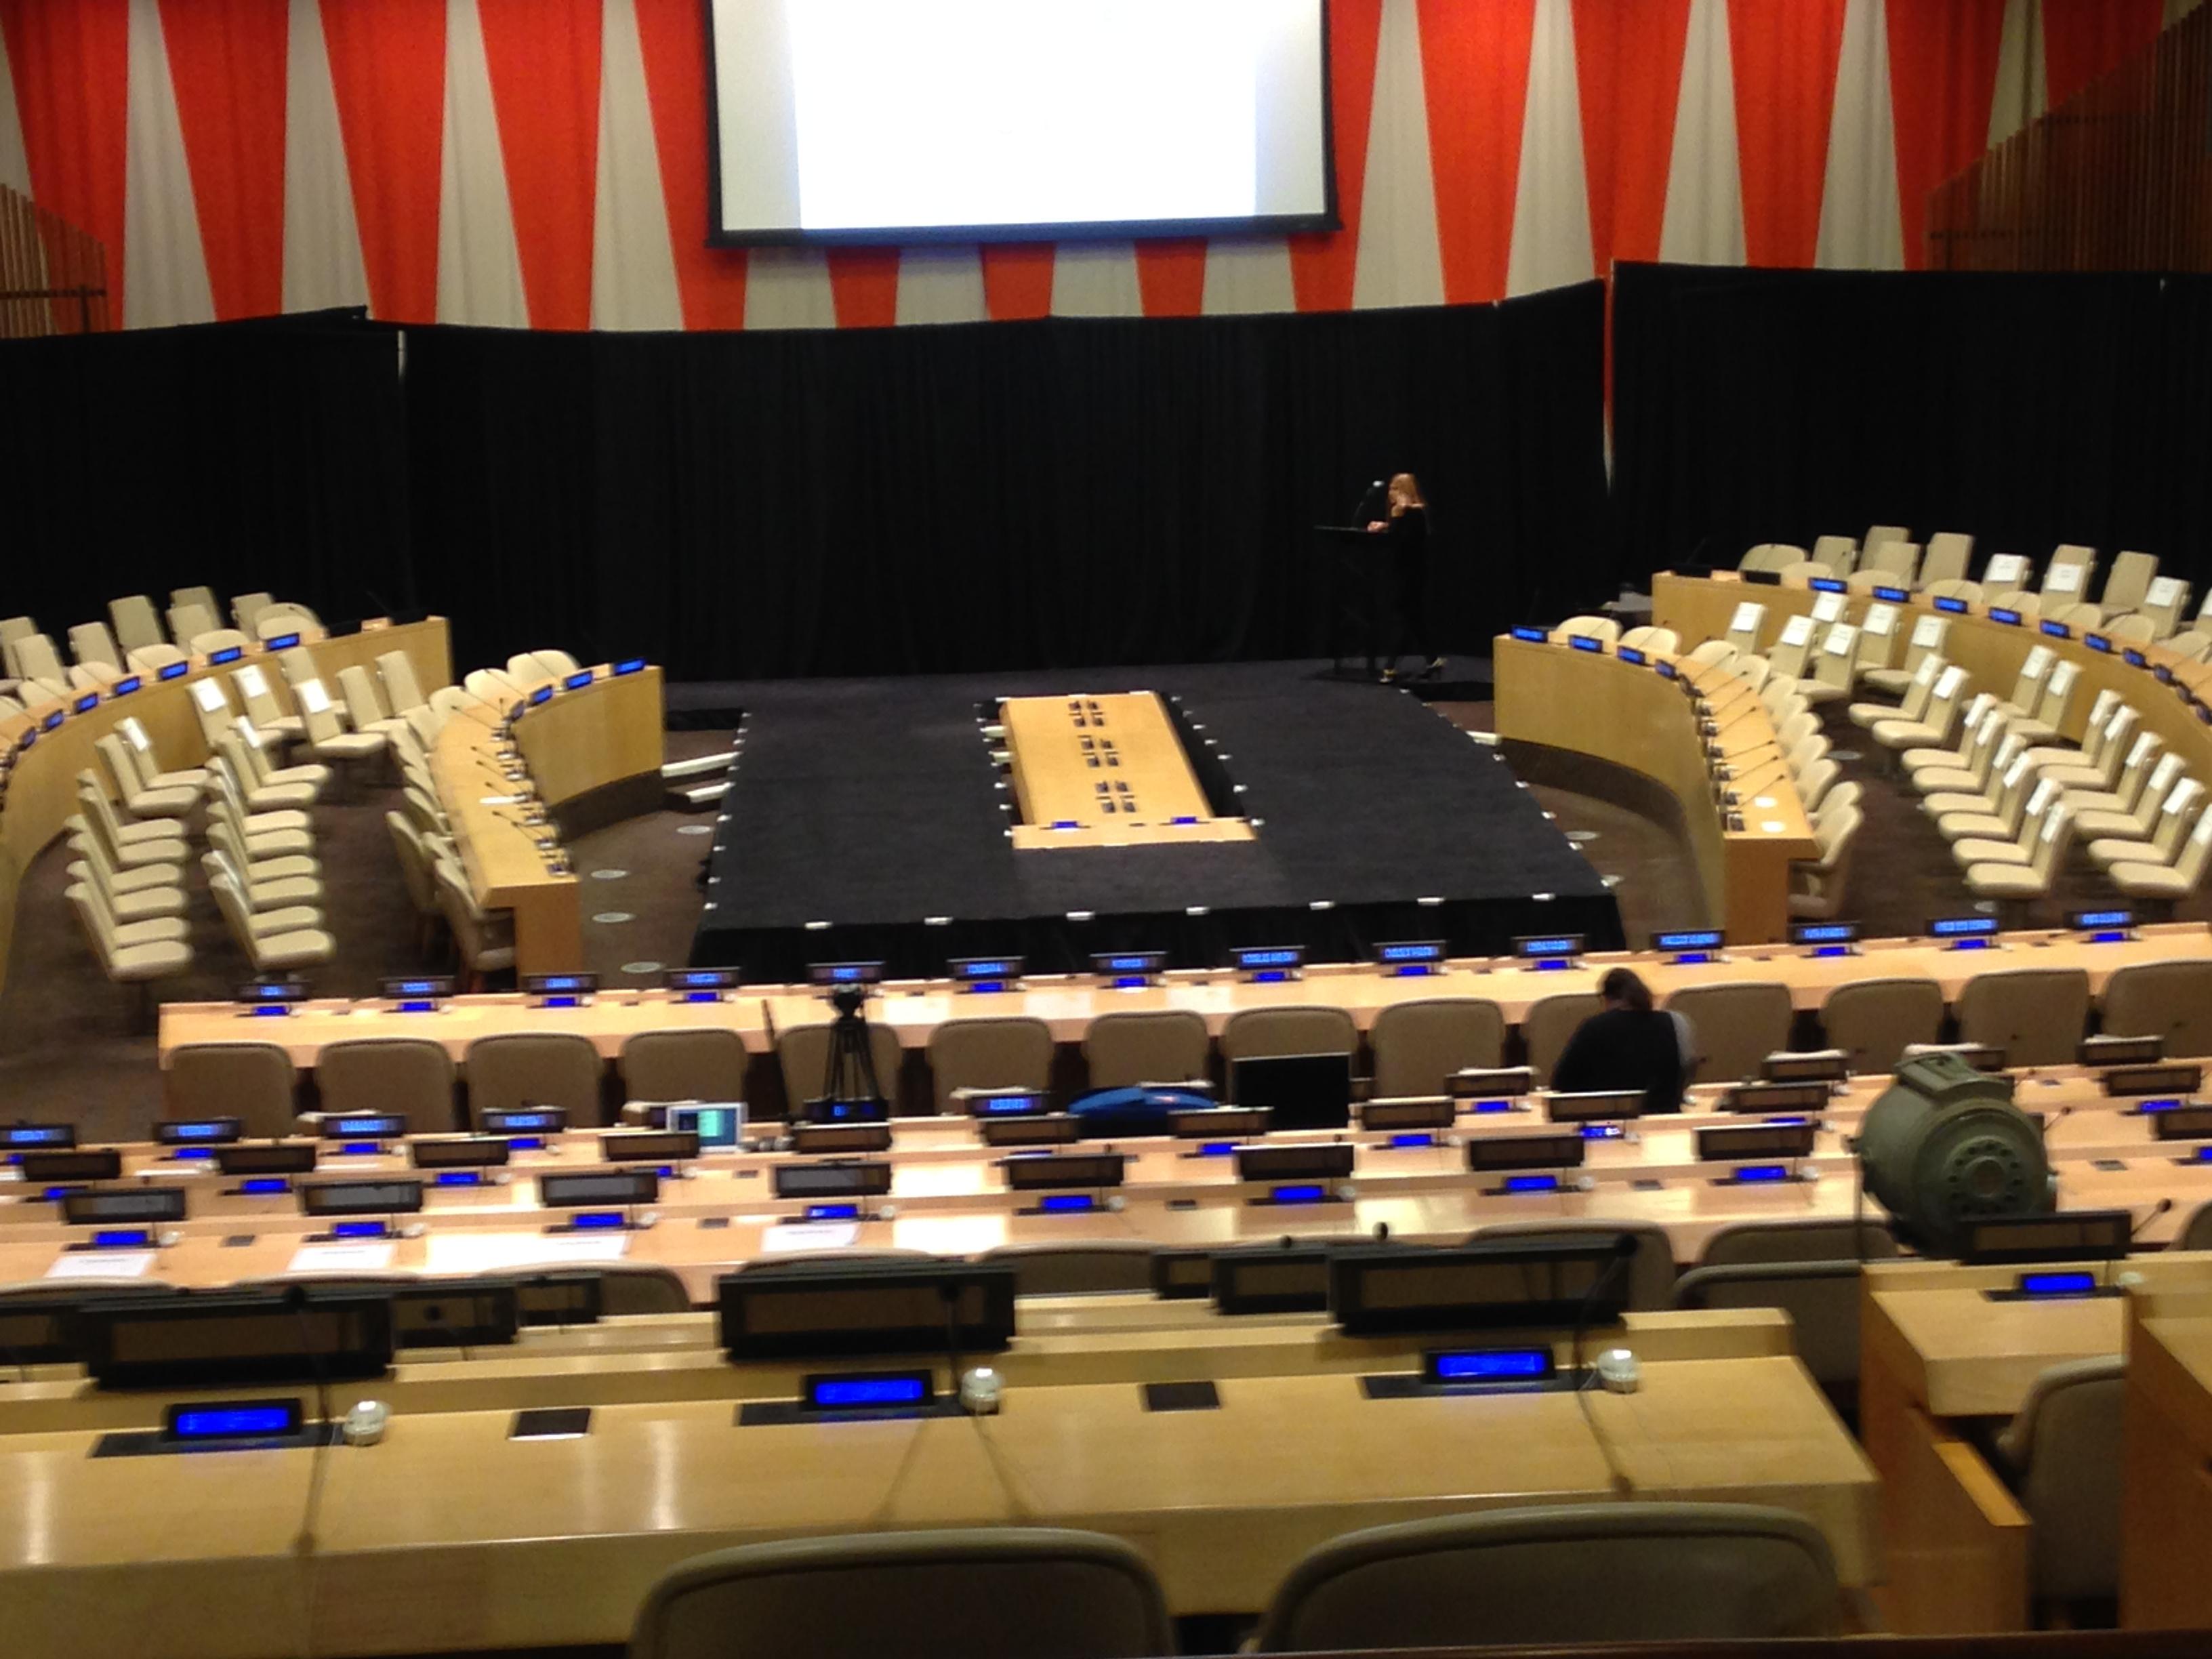 20141110 212343769 ios - Visitando la sede de la ONU en New York